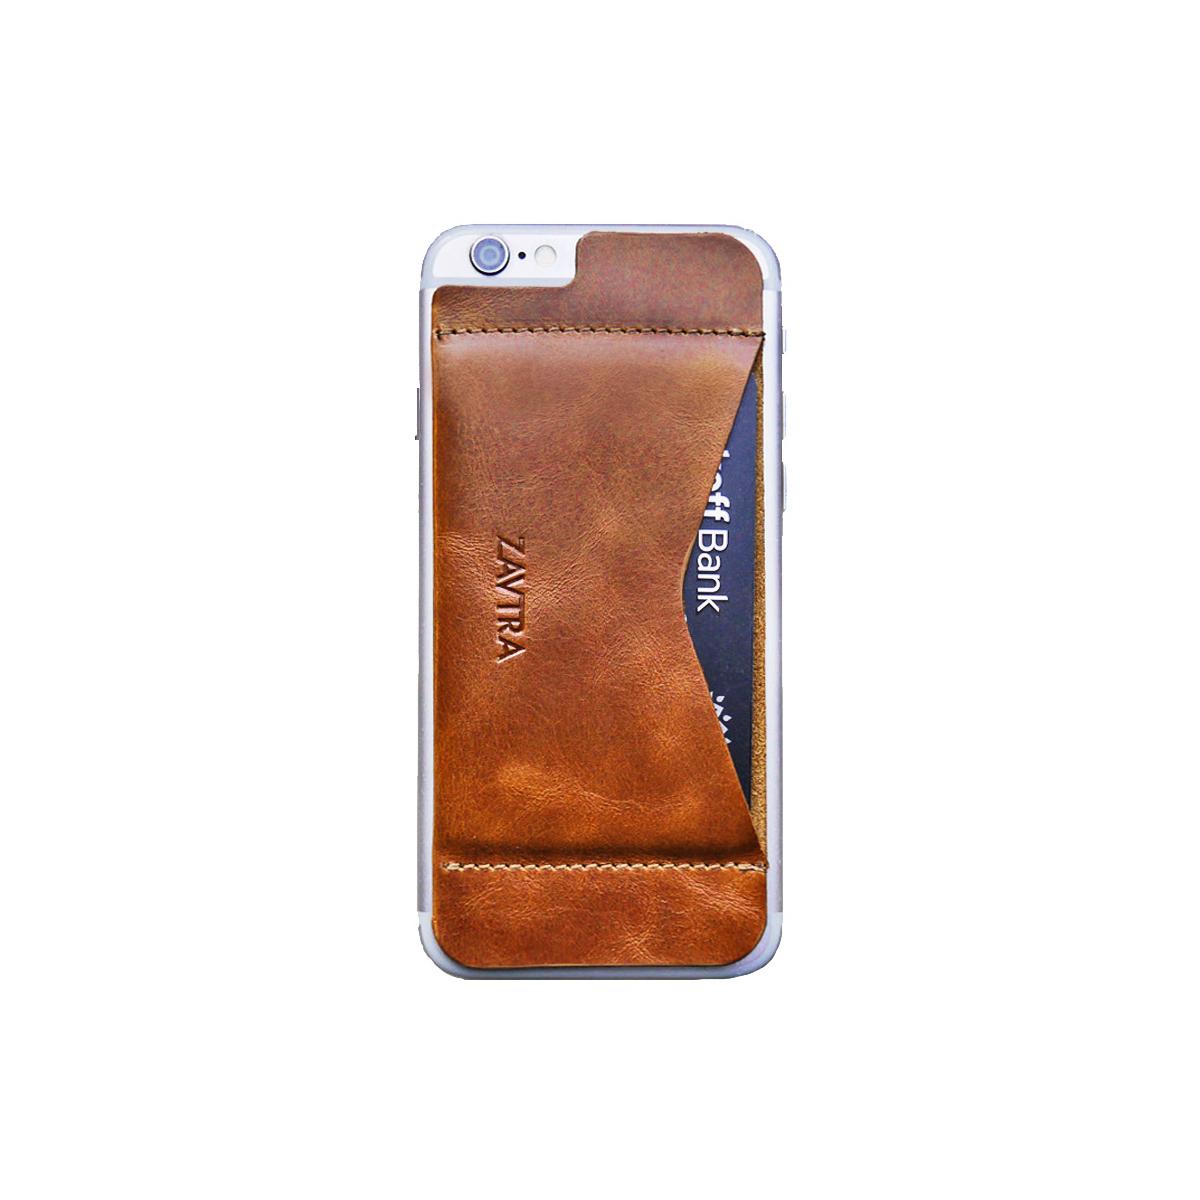 Кошелек Zavtra, цвет: коричневый. zav02i6brozav02i6broДеньги изменились, а кошельки – нет. Сегодня не нужно носить с собой «котлеты» наличных или стопки кредитных карт, а большинство платежей можно сделать с помощью мобильного телефона. Мы решили сделать кошелёк, который отвечает запросам современного мира. Оригинальный формат продиктован изменившимся миром. Телефон и платежи теперь становятся по-настоящему неразделимы. Поэтому мы соединили финансы и смартфон в оригинальном и супер-удобном кошельке-накладке Zavtra.